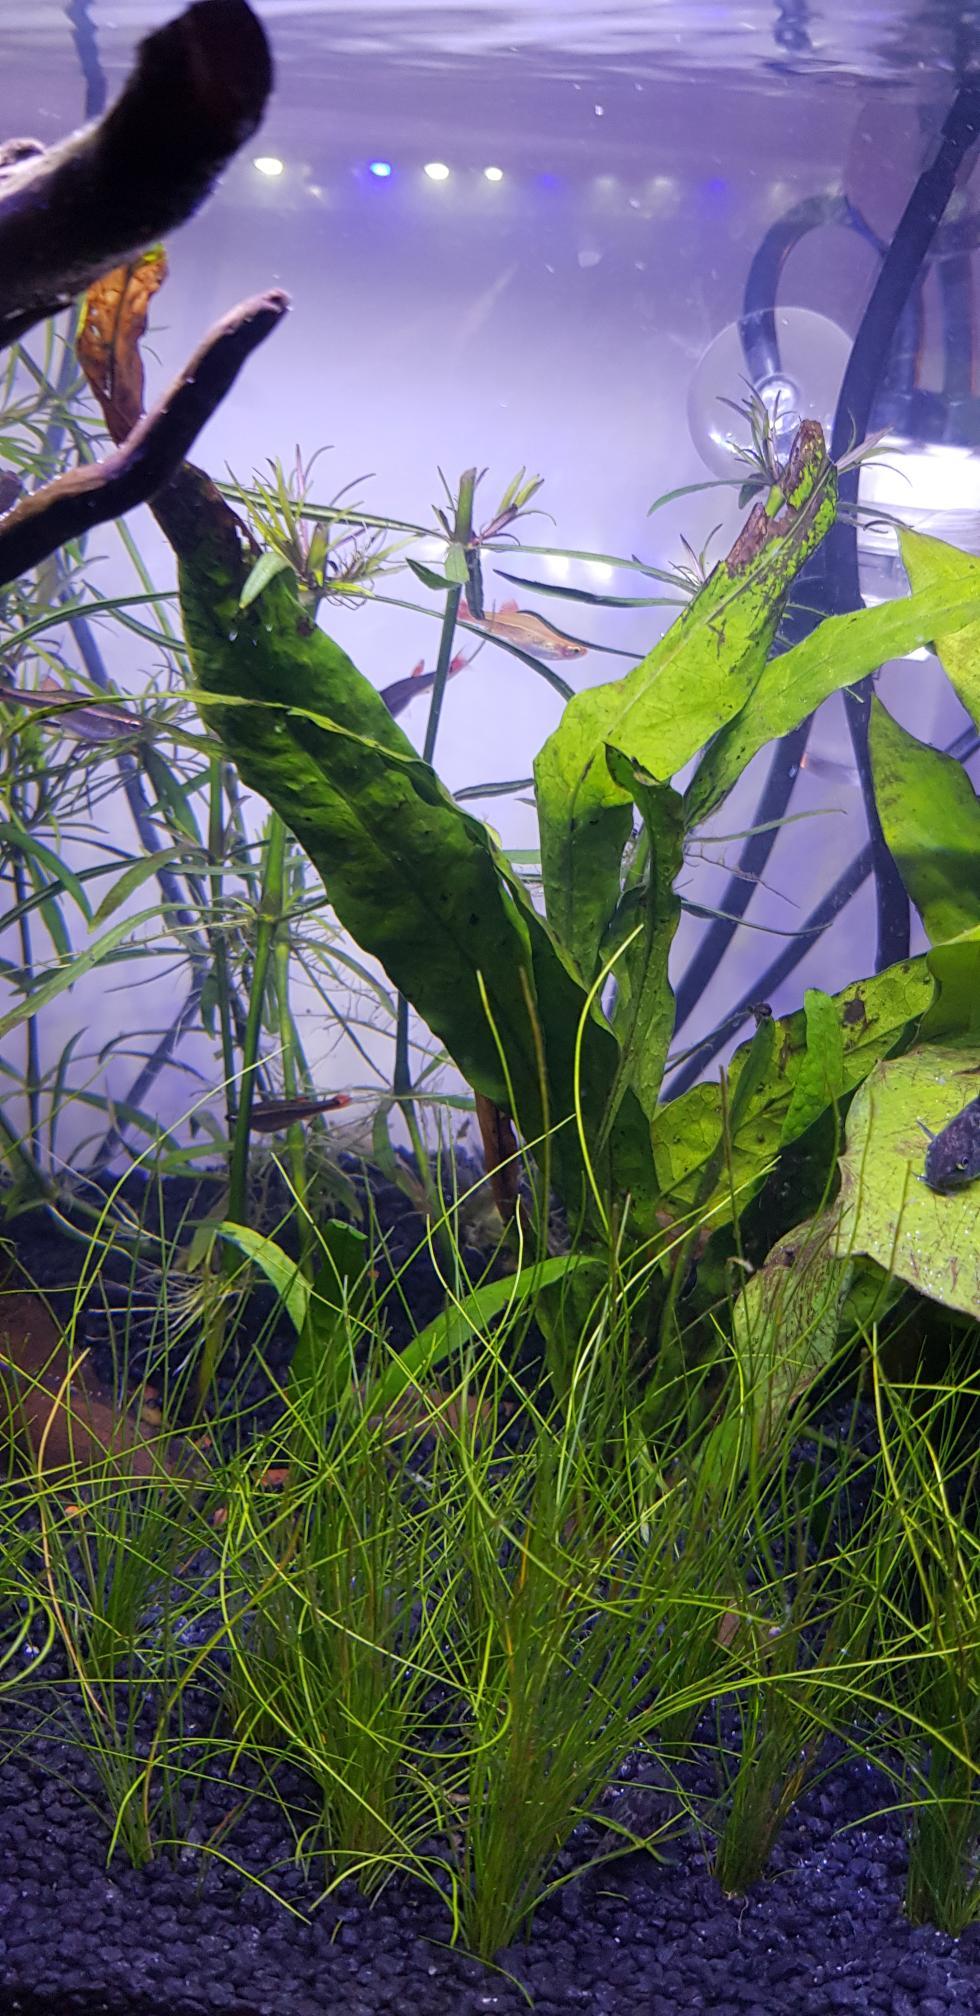 Eau aquarium trouble blanchatre - Page 3 Rps20123